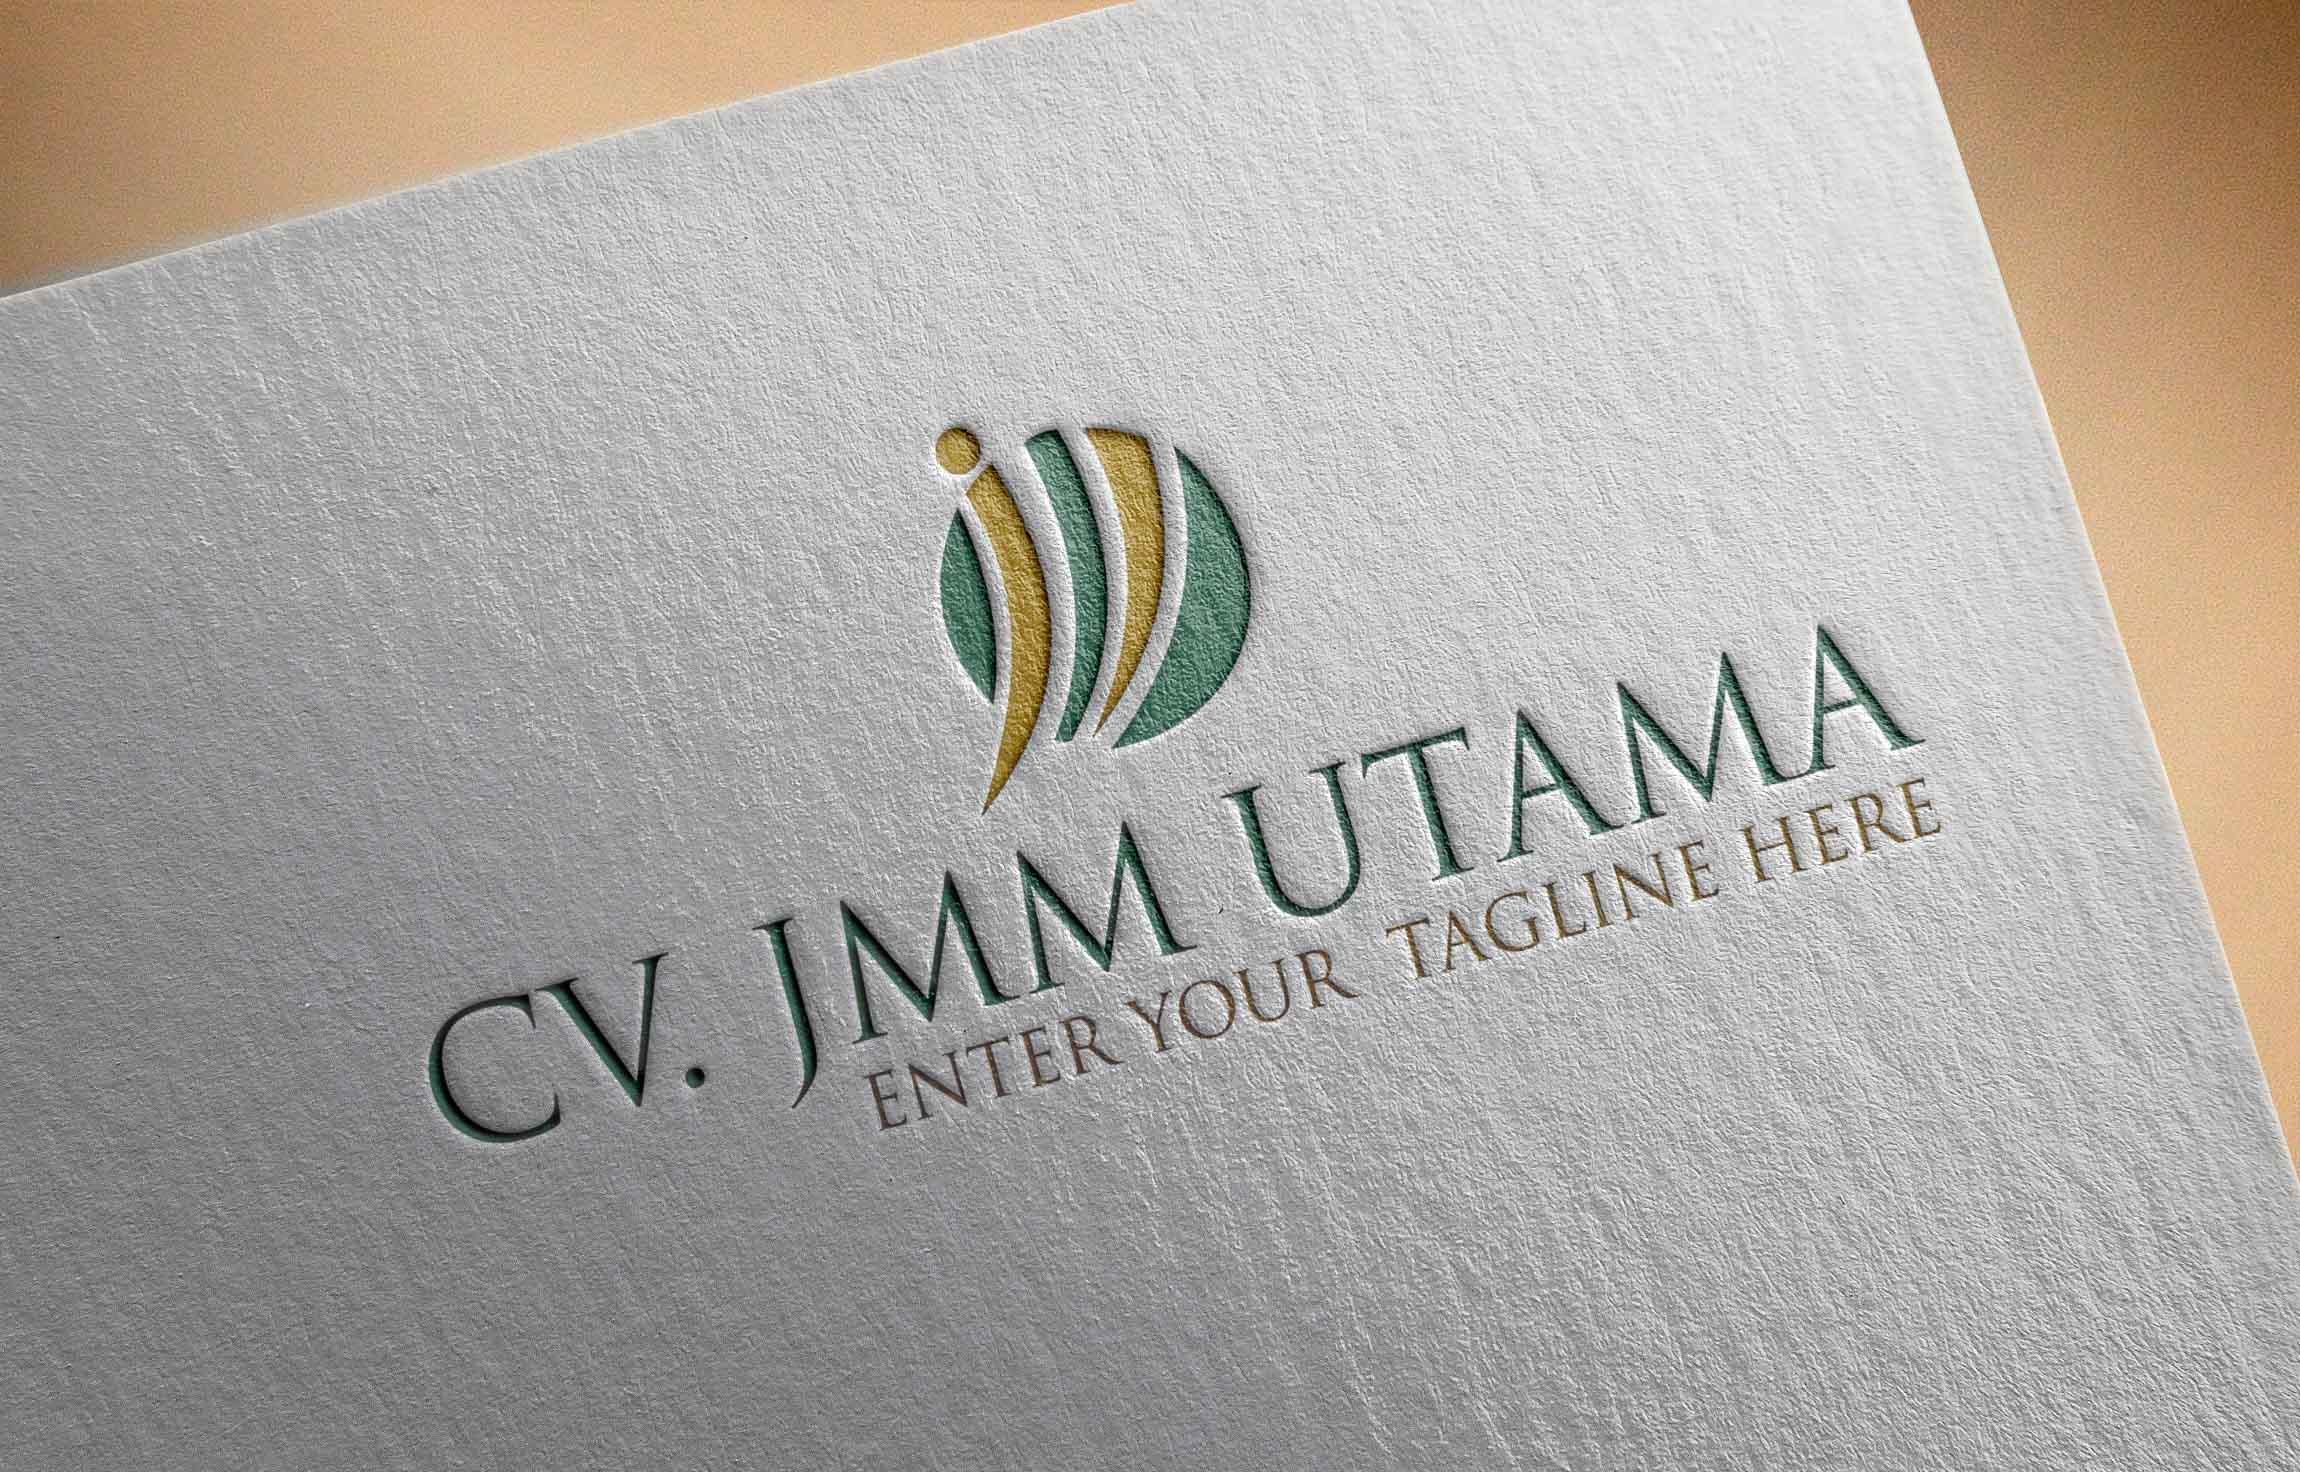 Contohdesainkreatif Dan Kunci Untuk Logo Yang Berhasil